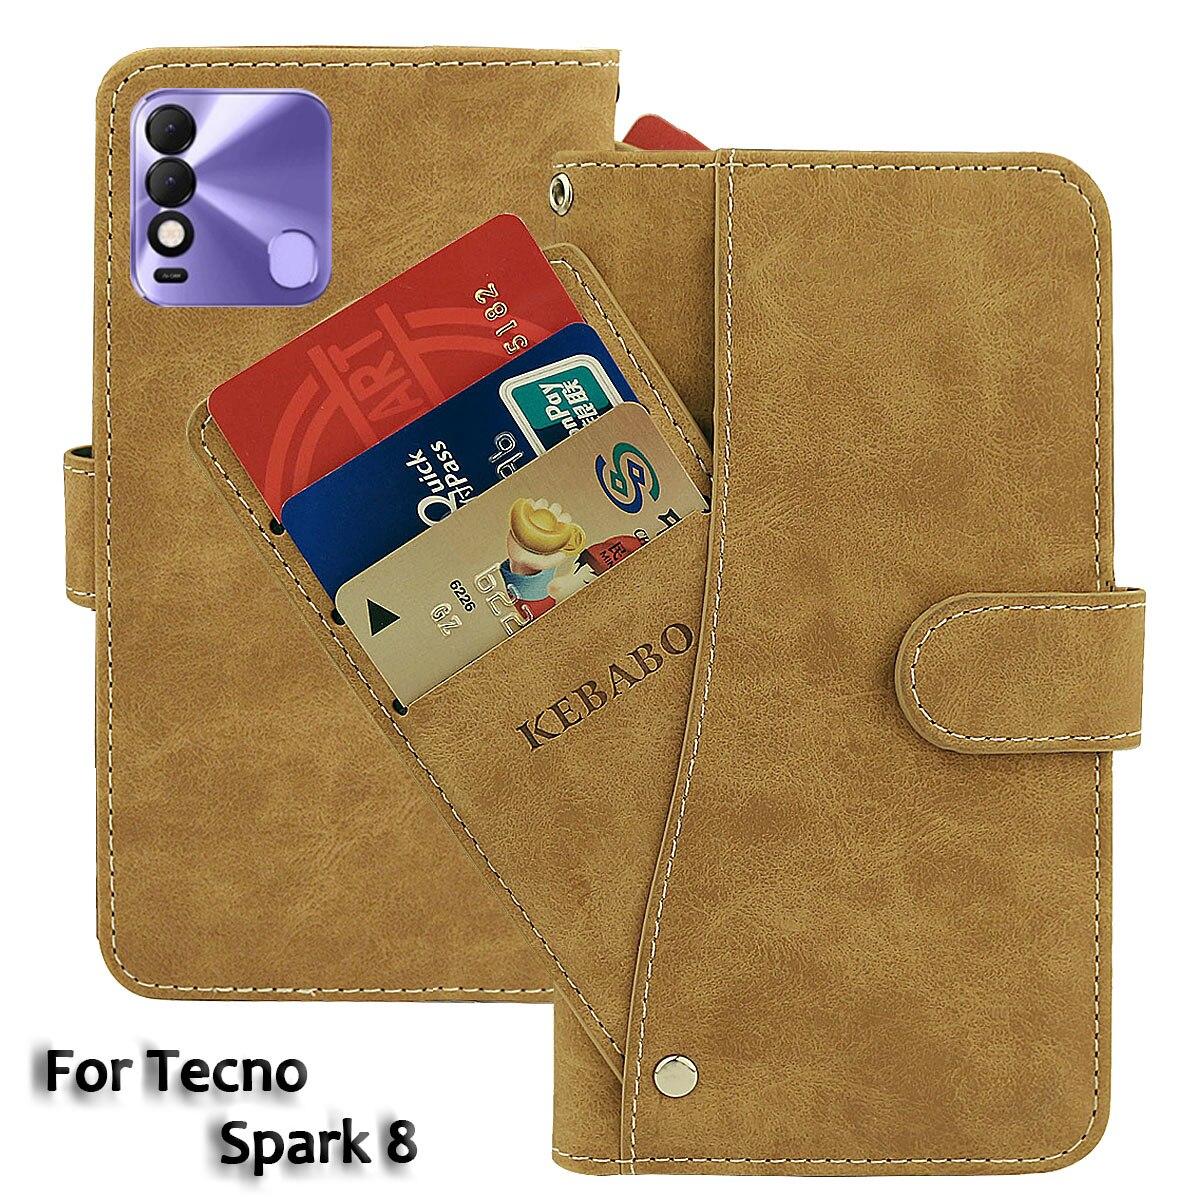 Vintage Leather Wallet Tecno Spark 8 Case 6.52